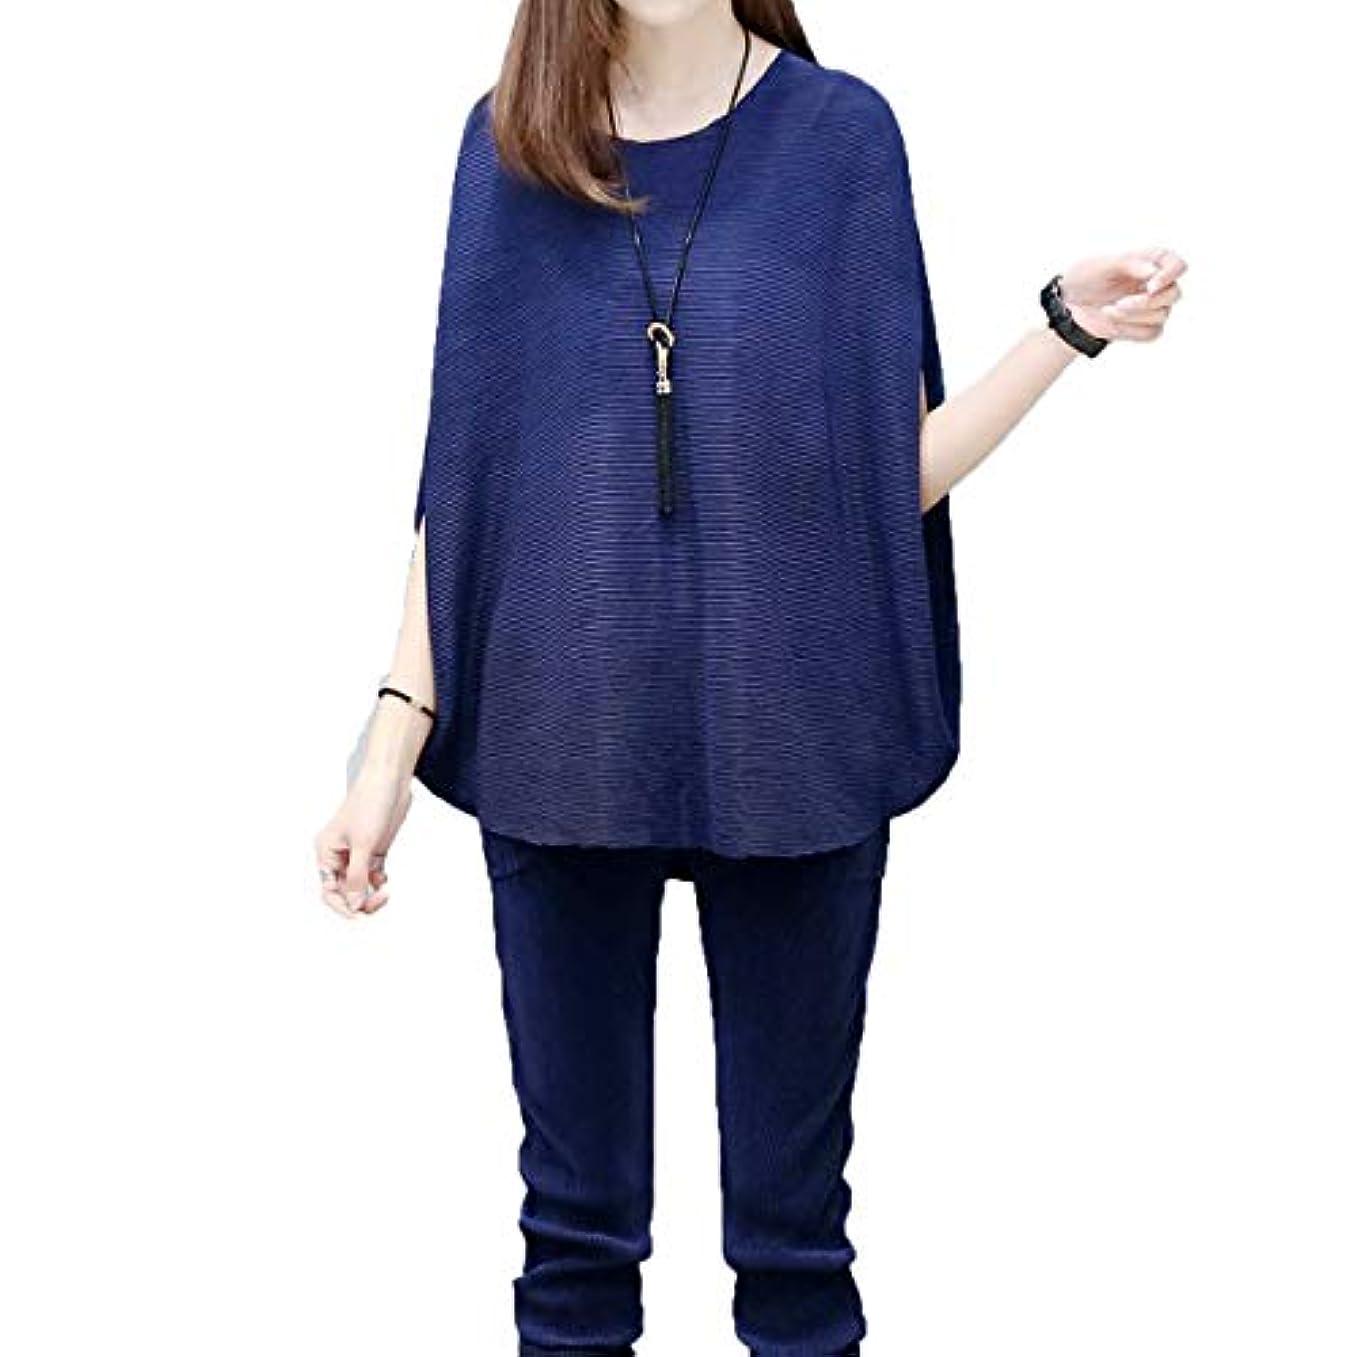 二十スローガン一族[ココチエ] レディース トップス Tシャツ 二の腕 カバー 半袖 ノースリーブ プルオーバー ゆったり 大人体型 体型カバー おおきいサイズ おしゃれ 黒 ネイビー